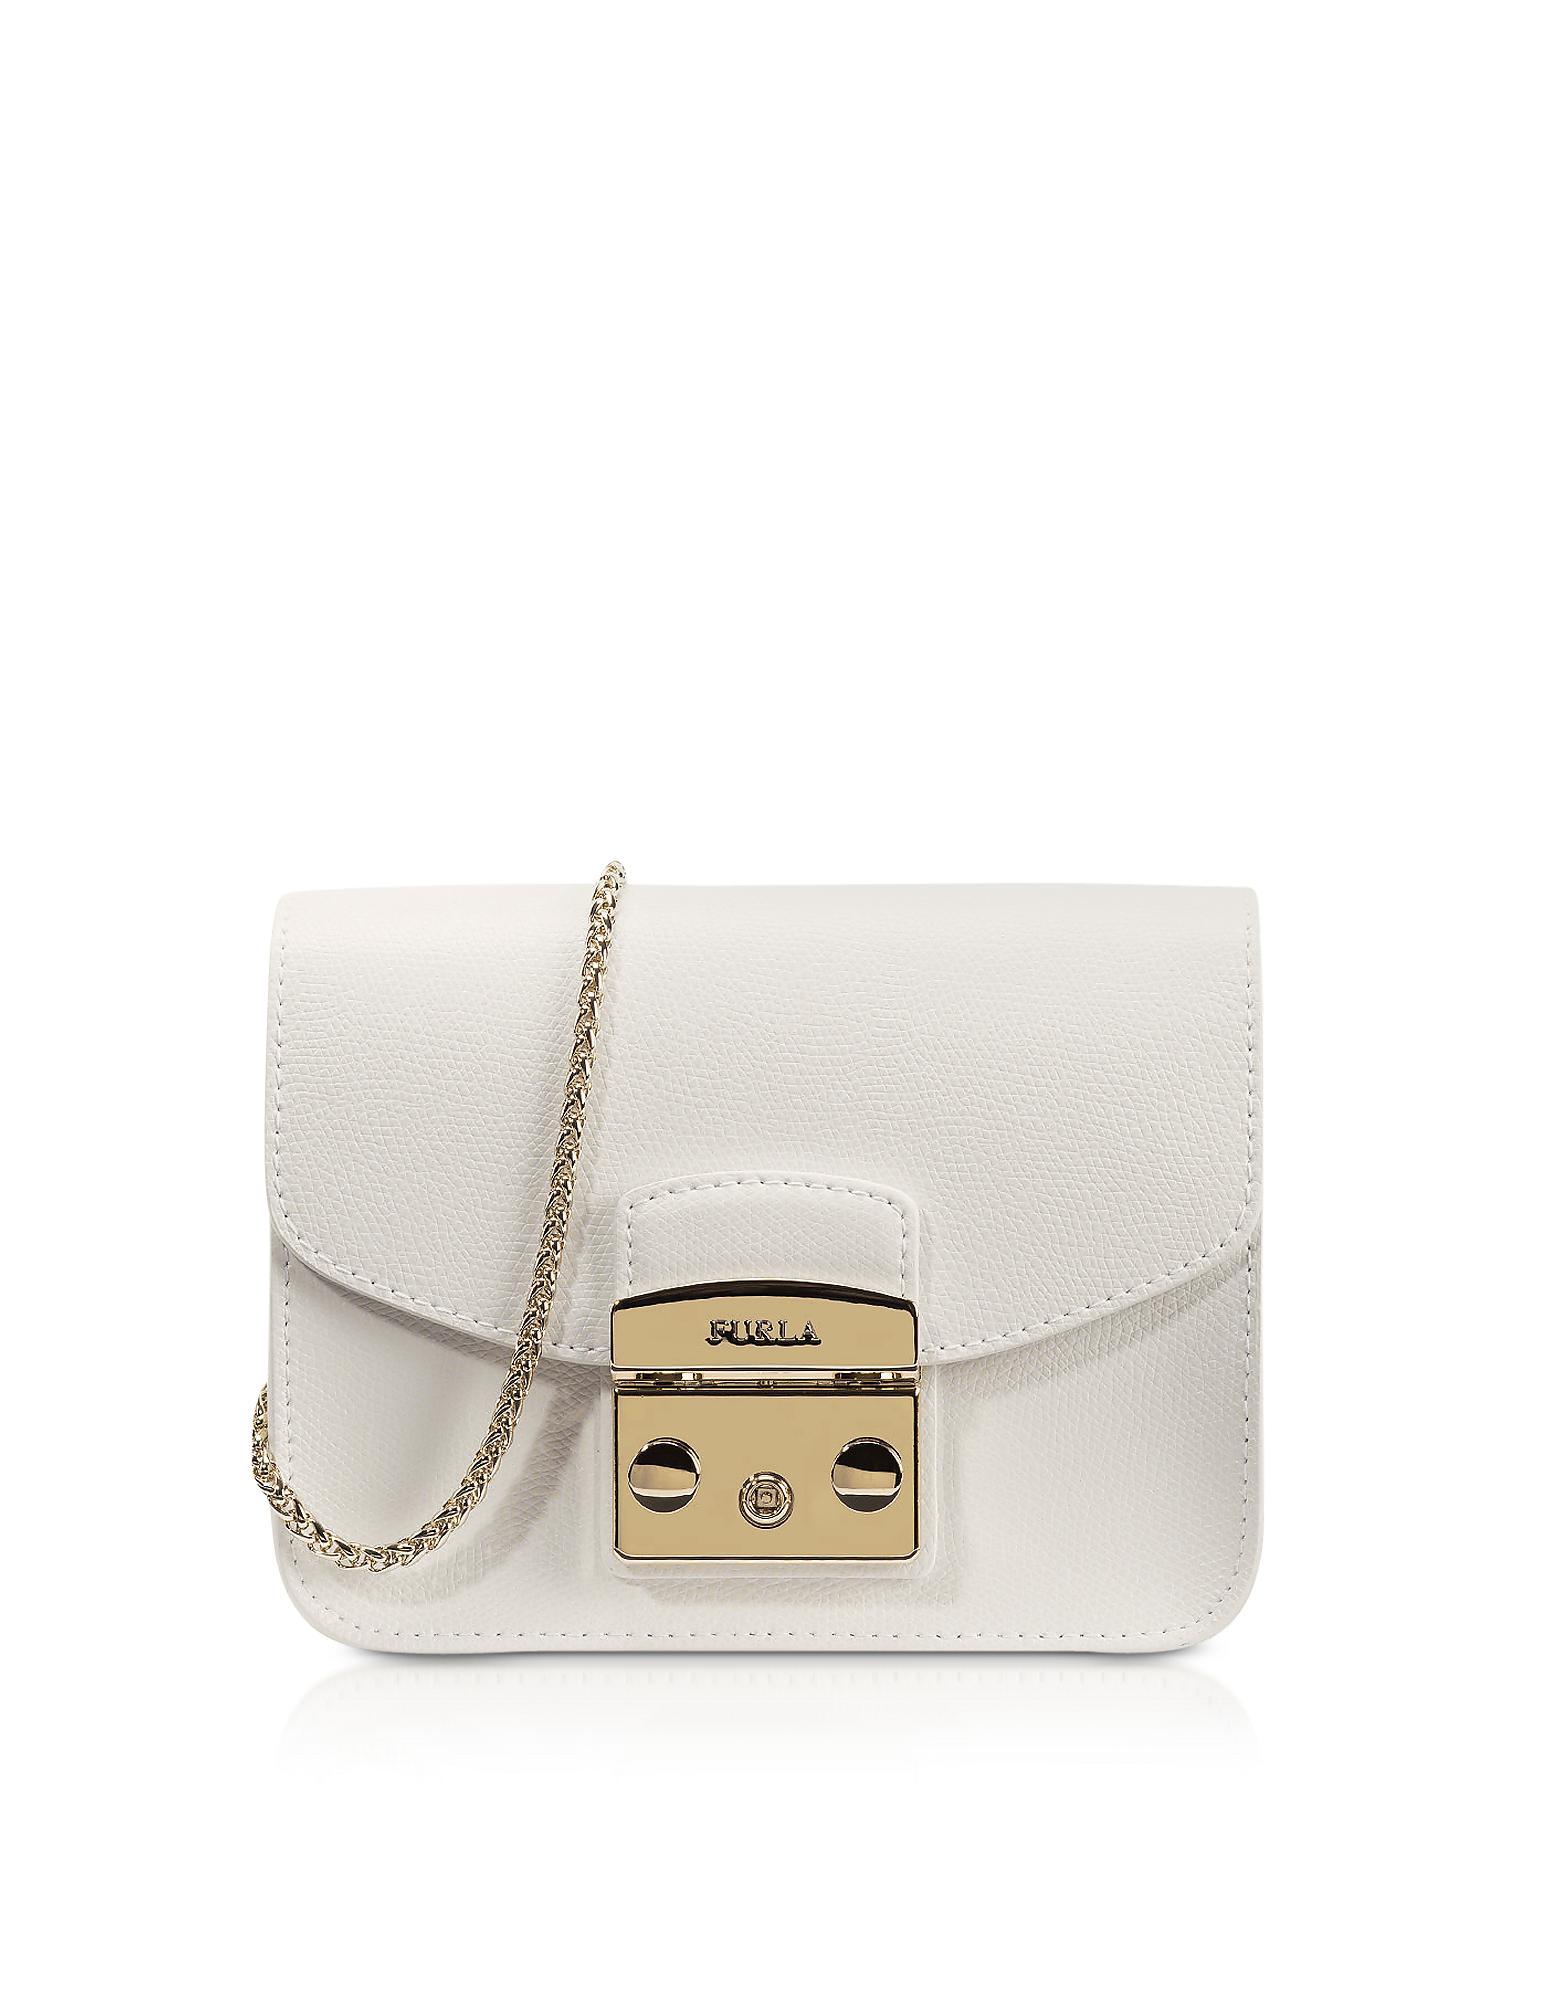 24ef0986e7 Furla Metropolis Petalo Leather Mini Crossbody Bag in White - Save ...